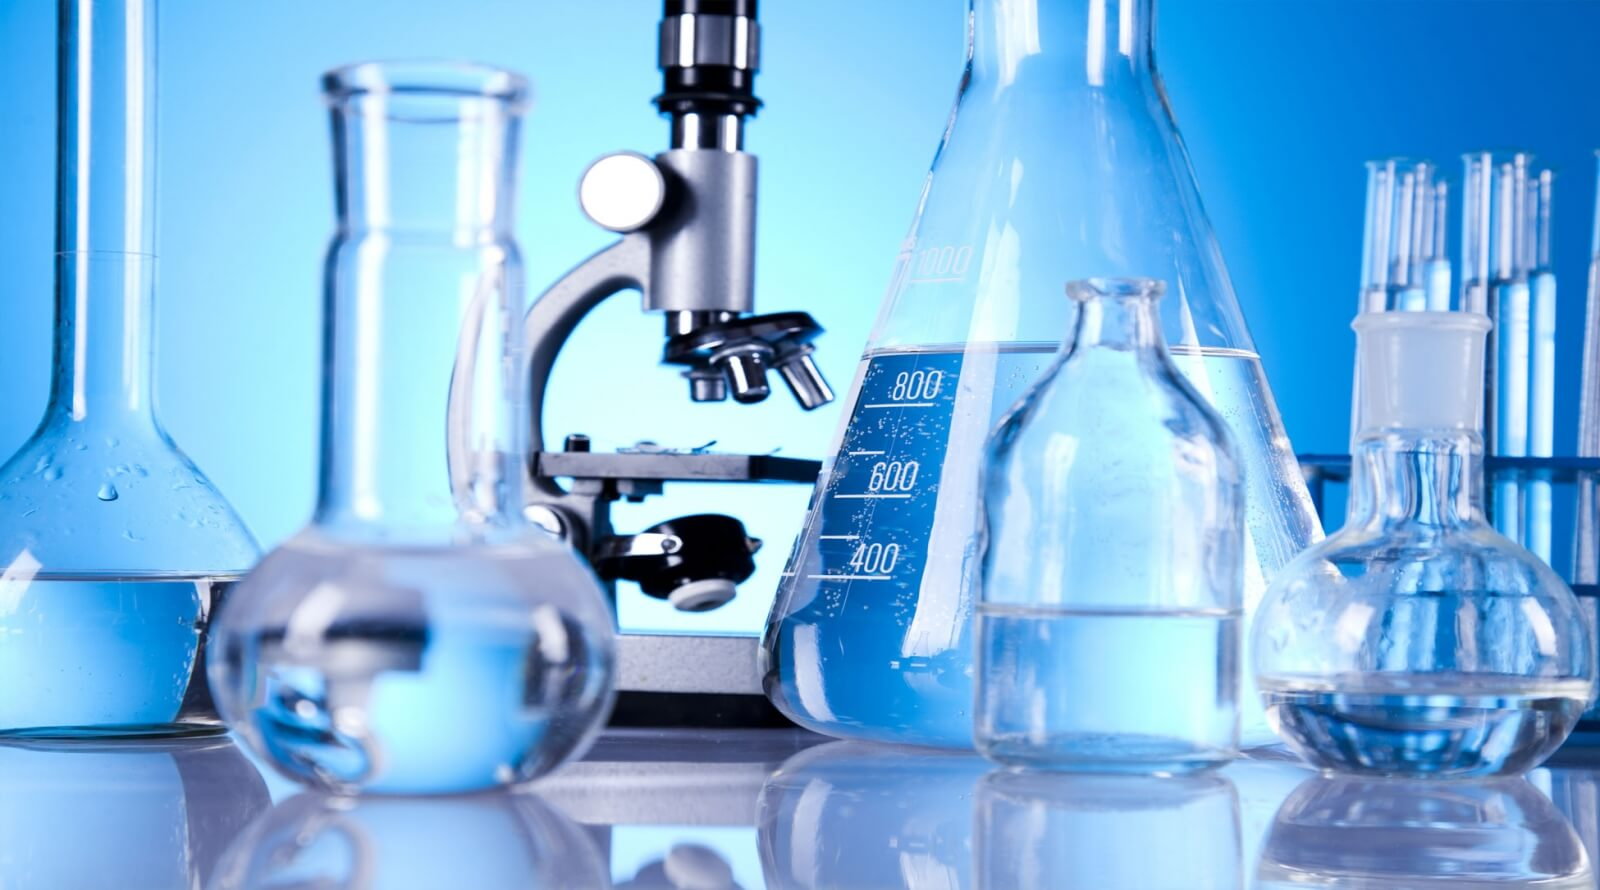 Đặc điểm của dụng cụ thí nghiệm